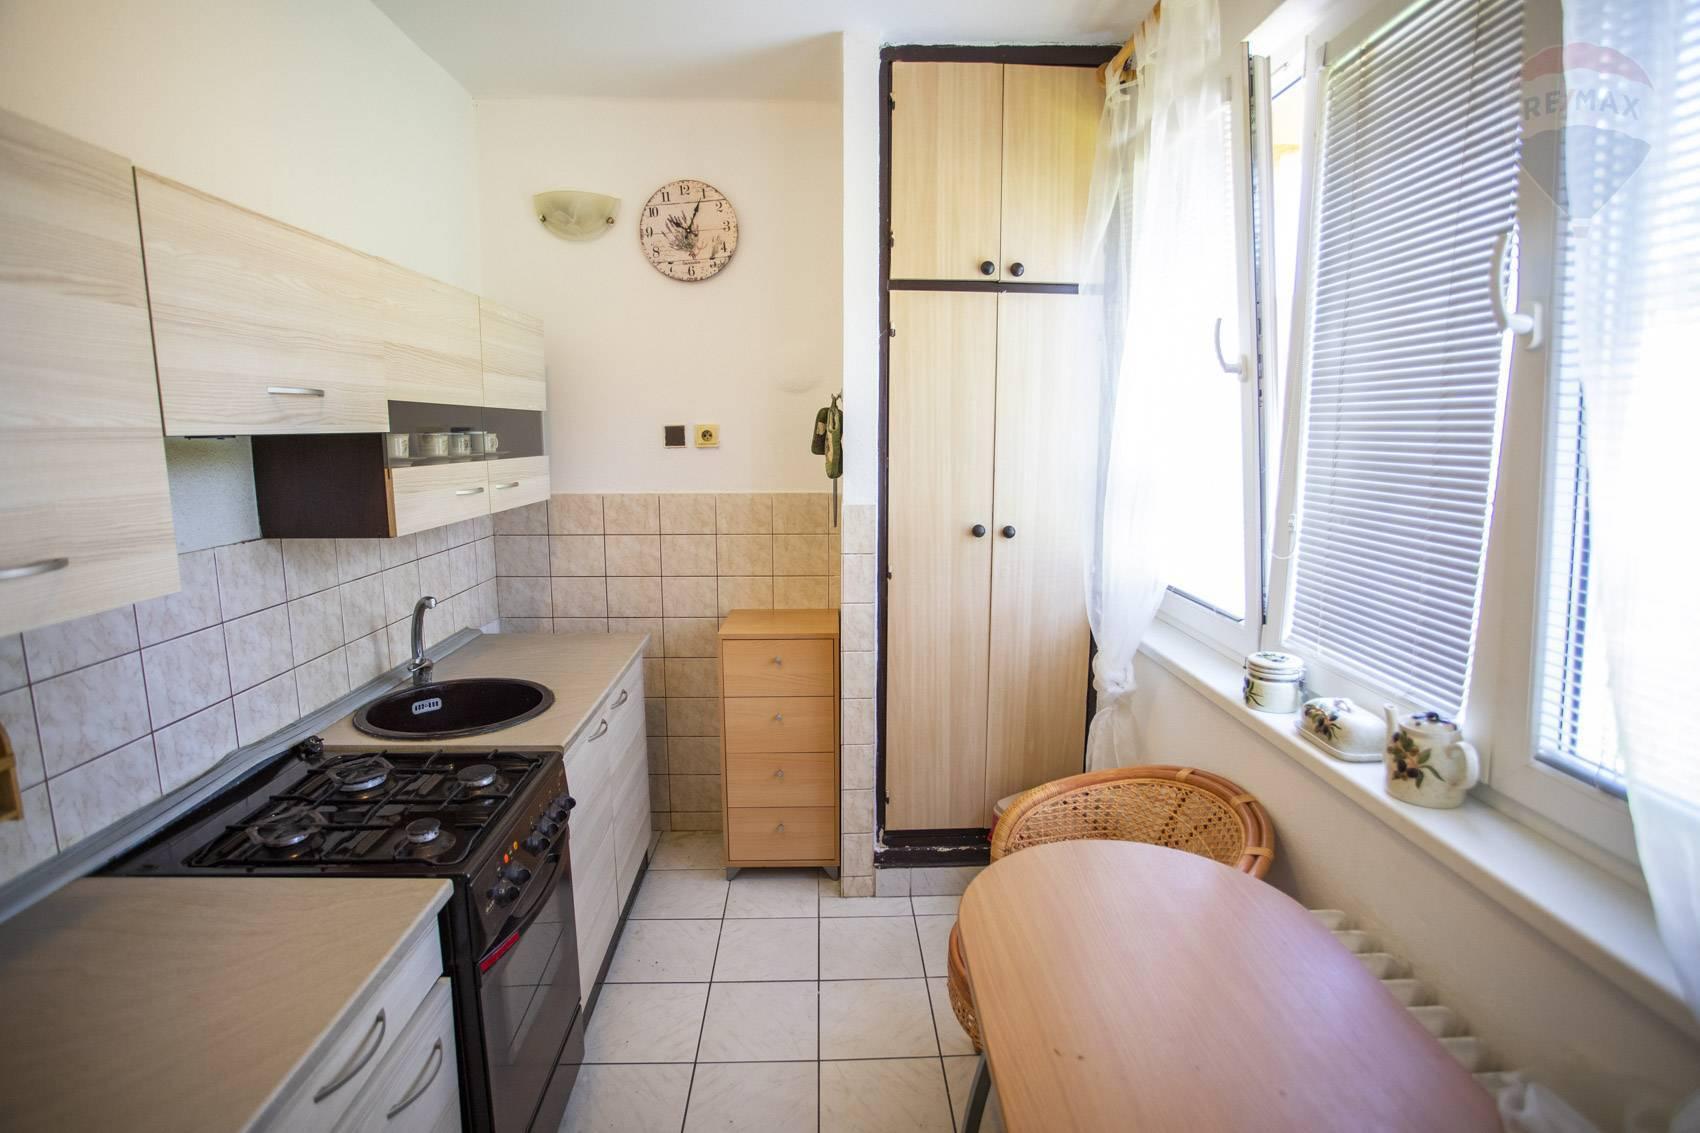 Predaj bytu (1 izbový) 36 m2, Topoľčany -